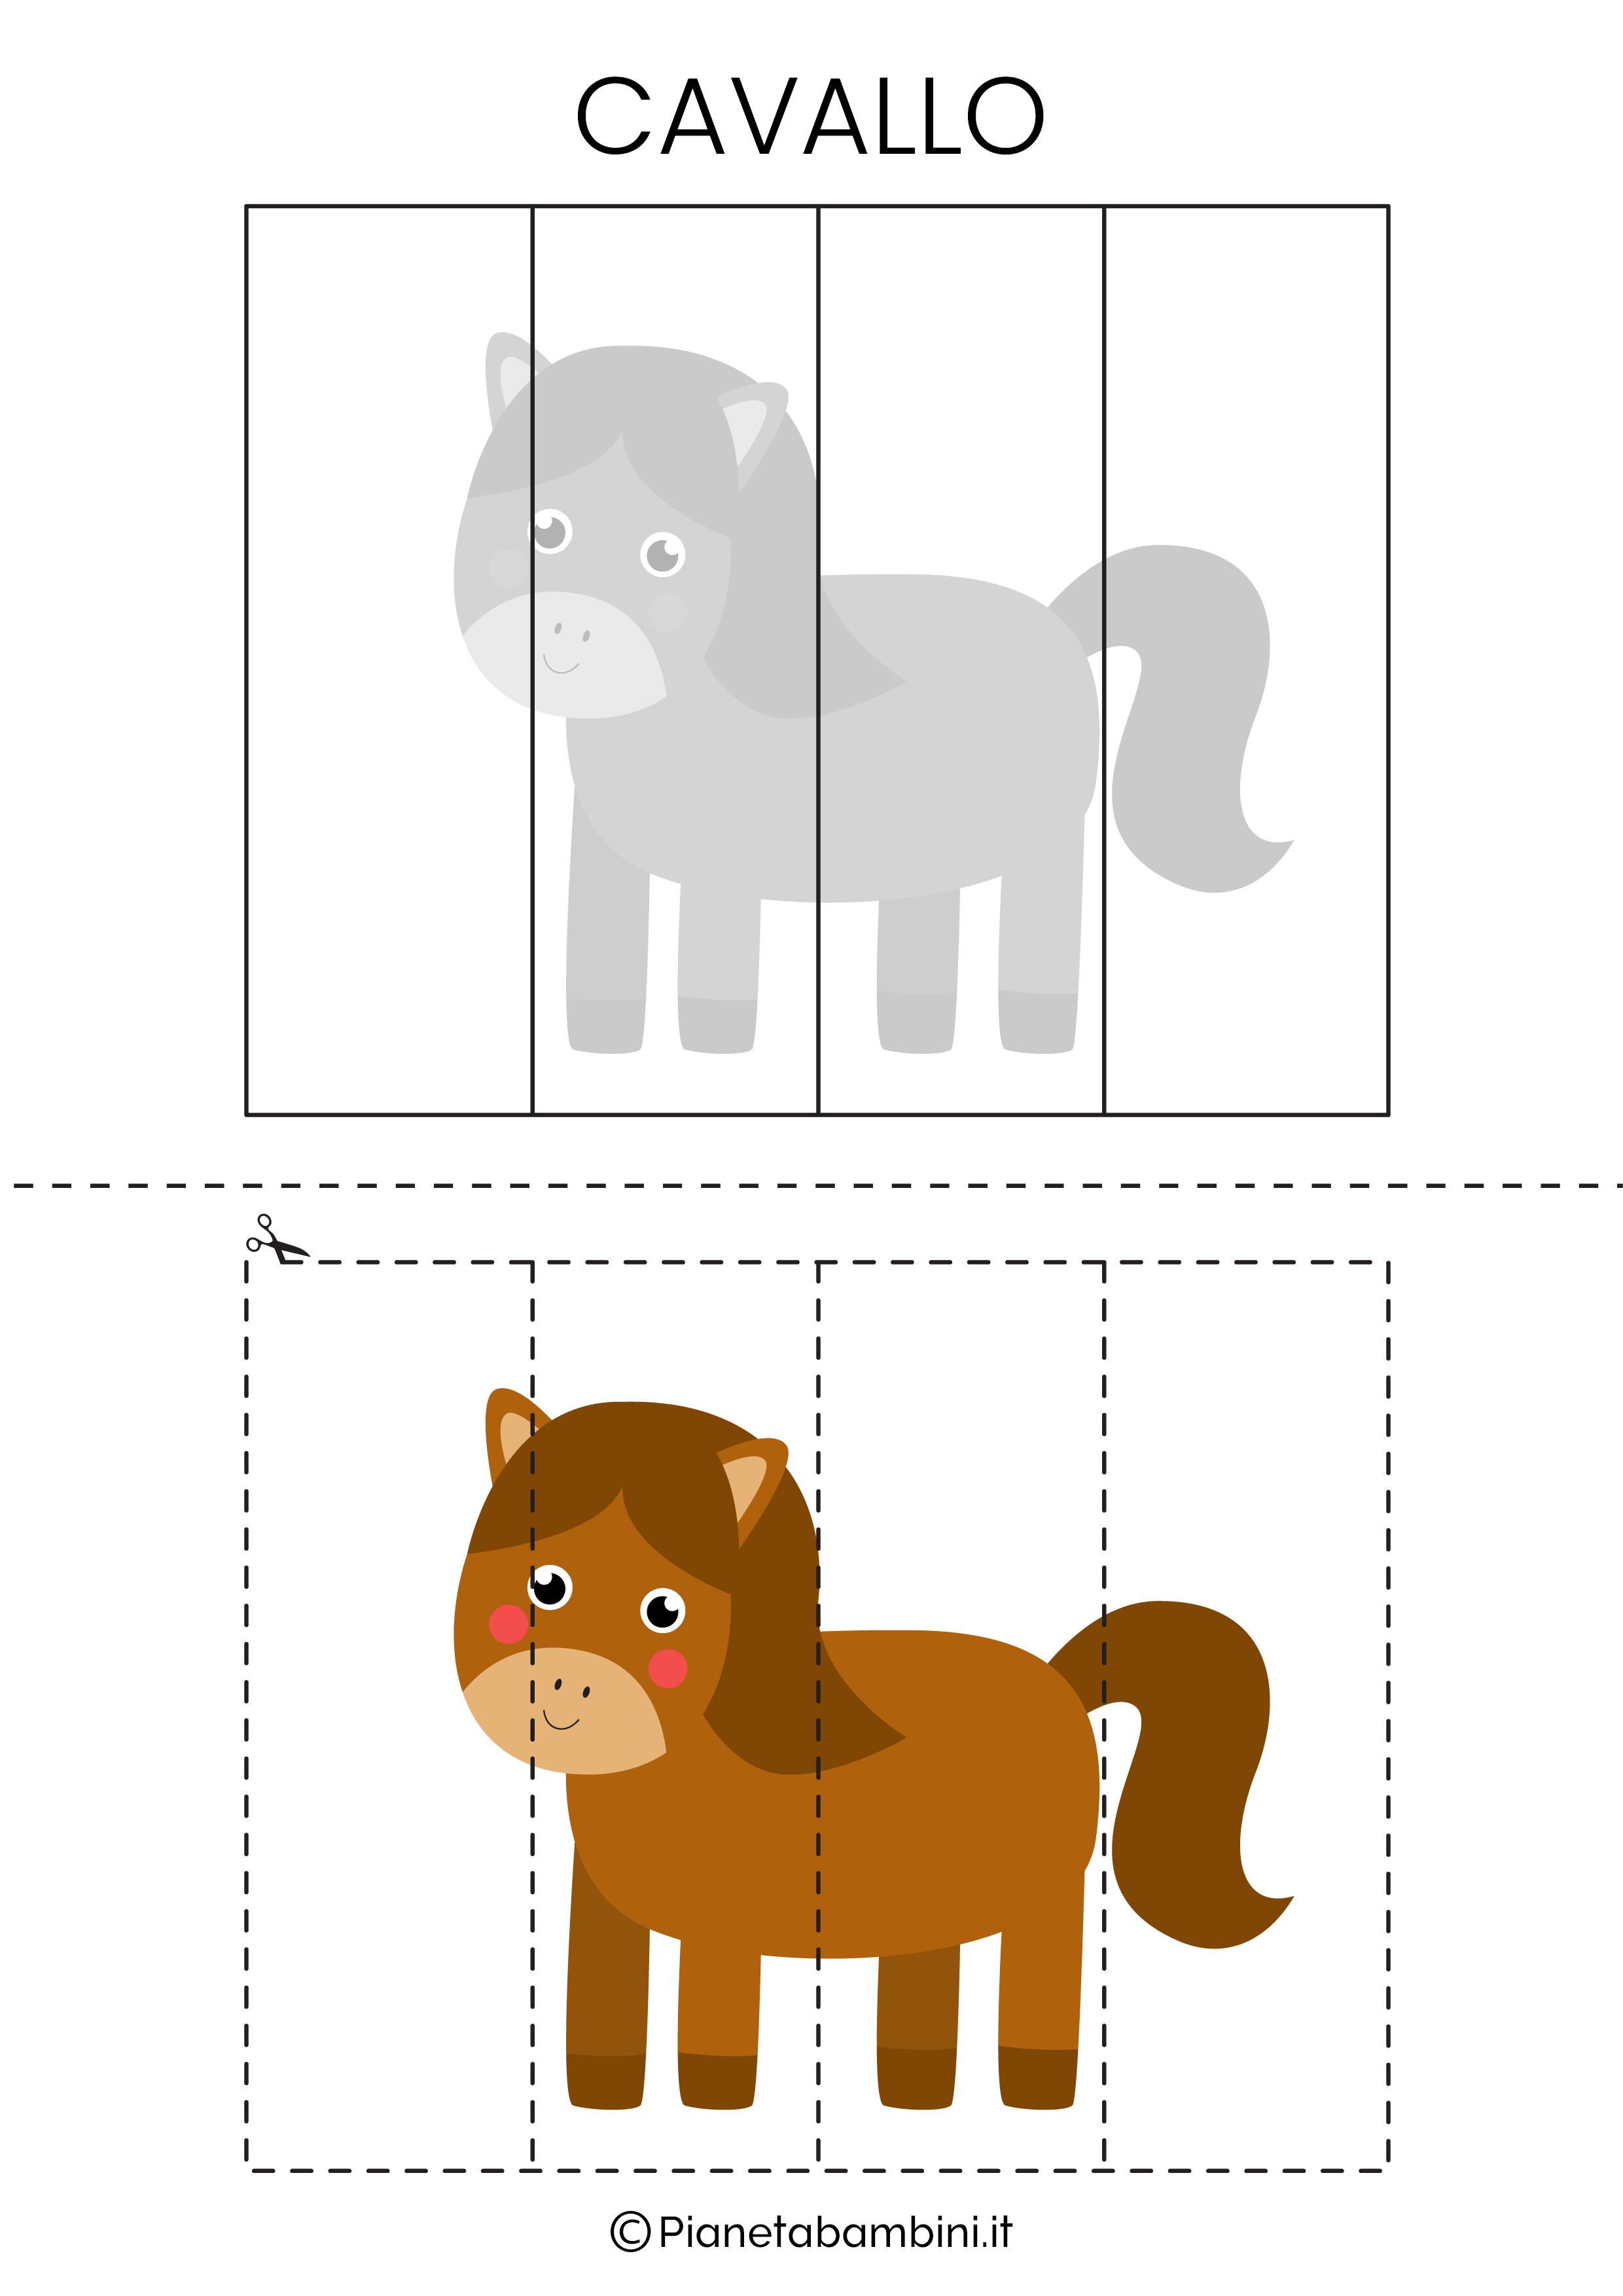 Puzzle del cavallo da 4 pezzi da ritagliare e ricomporre